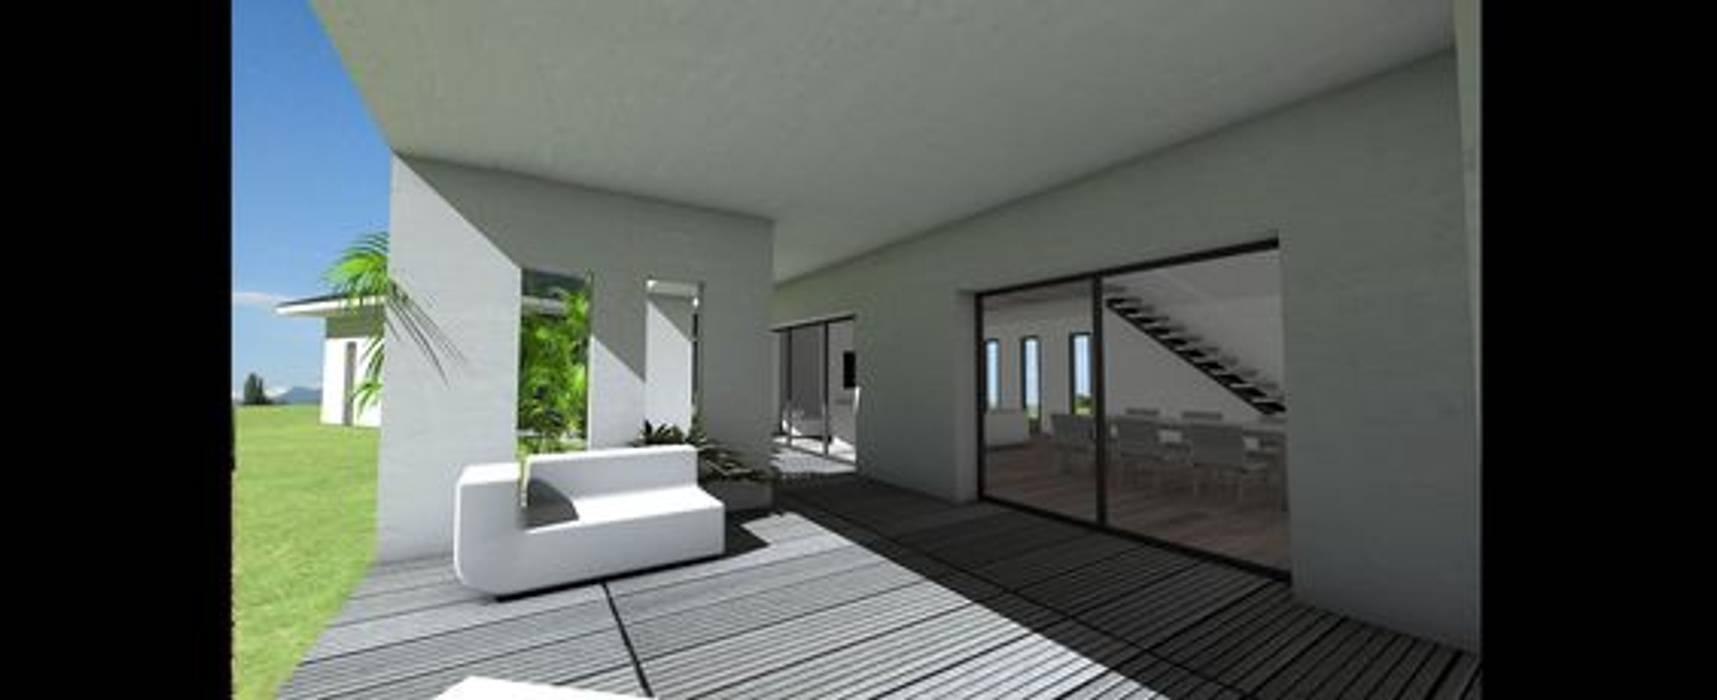 Maison contemporaine à grande terrasse couverte et tuiles noires ...